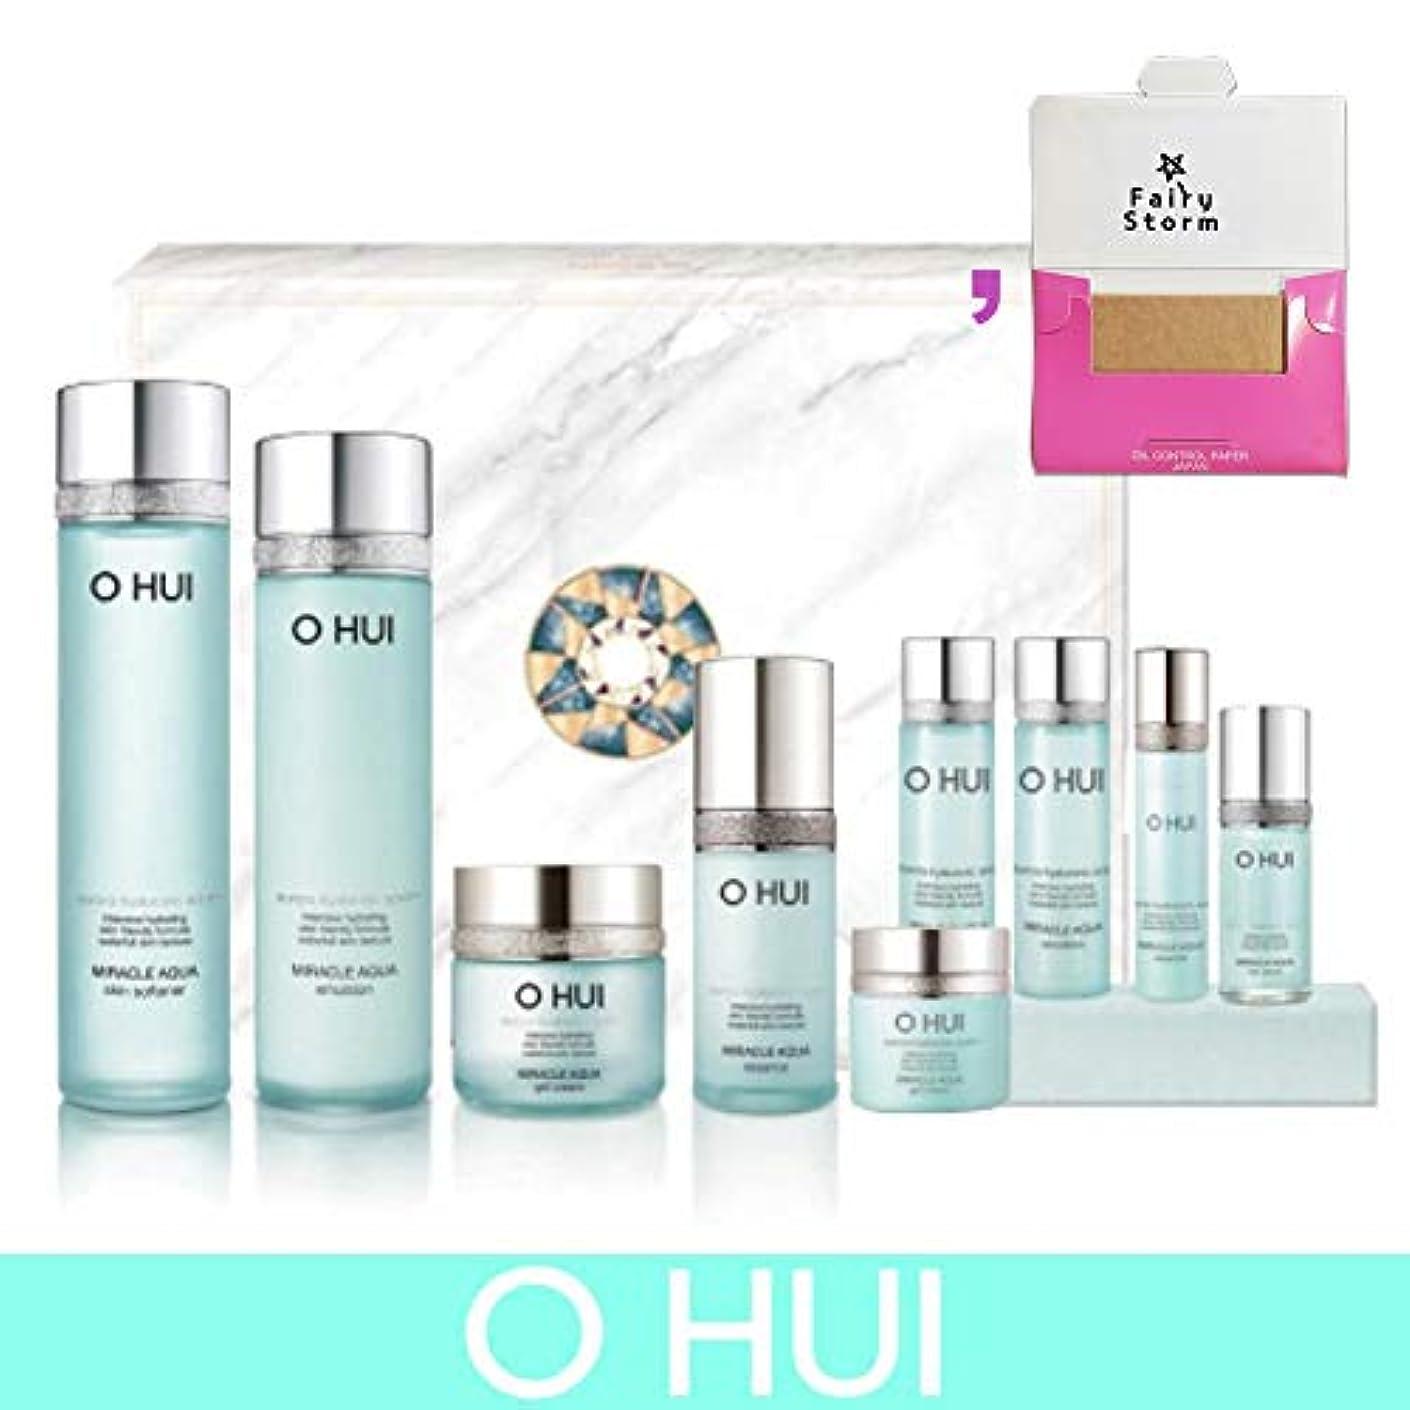 今晩完璧な予言する[オフィ/O HUI]韓国化粧品 LG生活健康/O HUI MIRACLE AQUA SPECIAL 4EA SET/ミラクル アクア 4種セット + [Sample Gift](海外直送品)